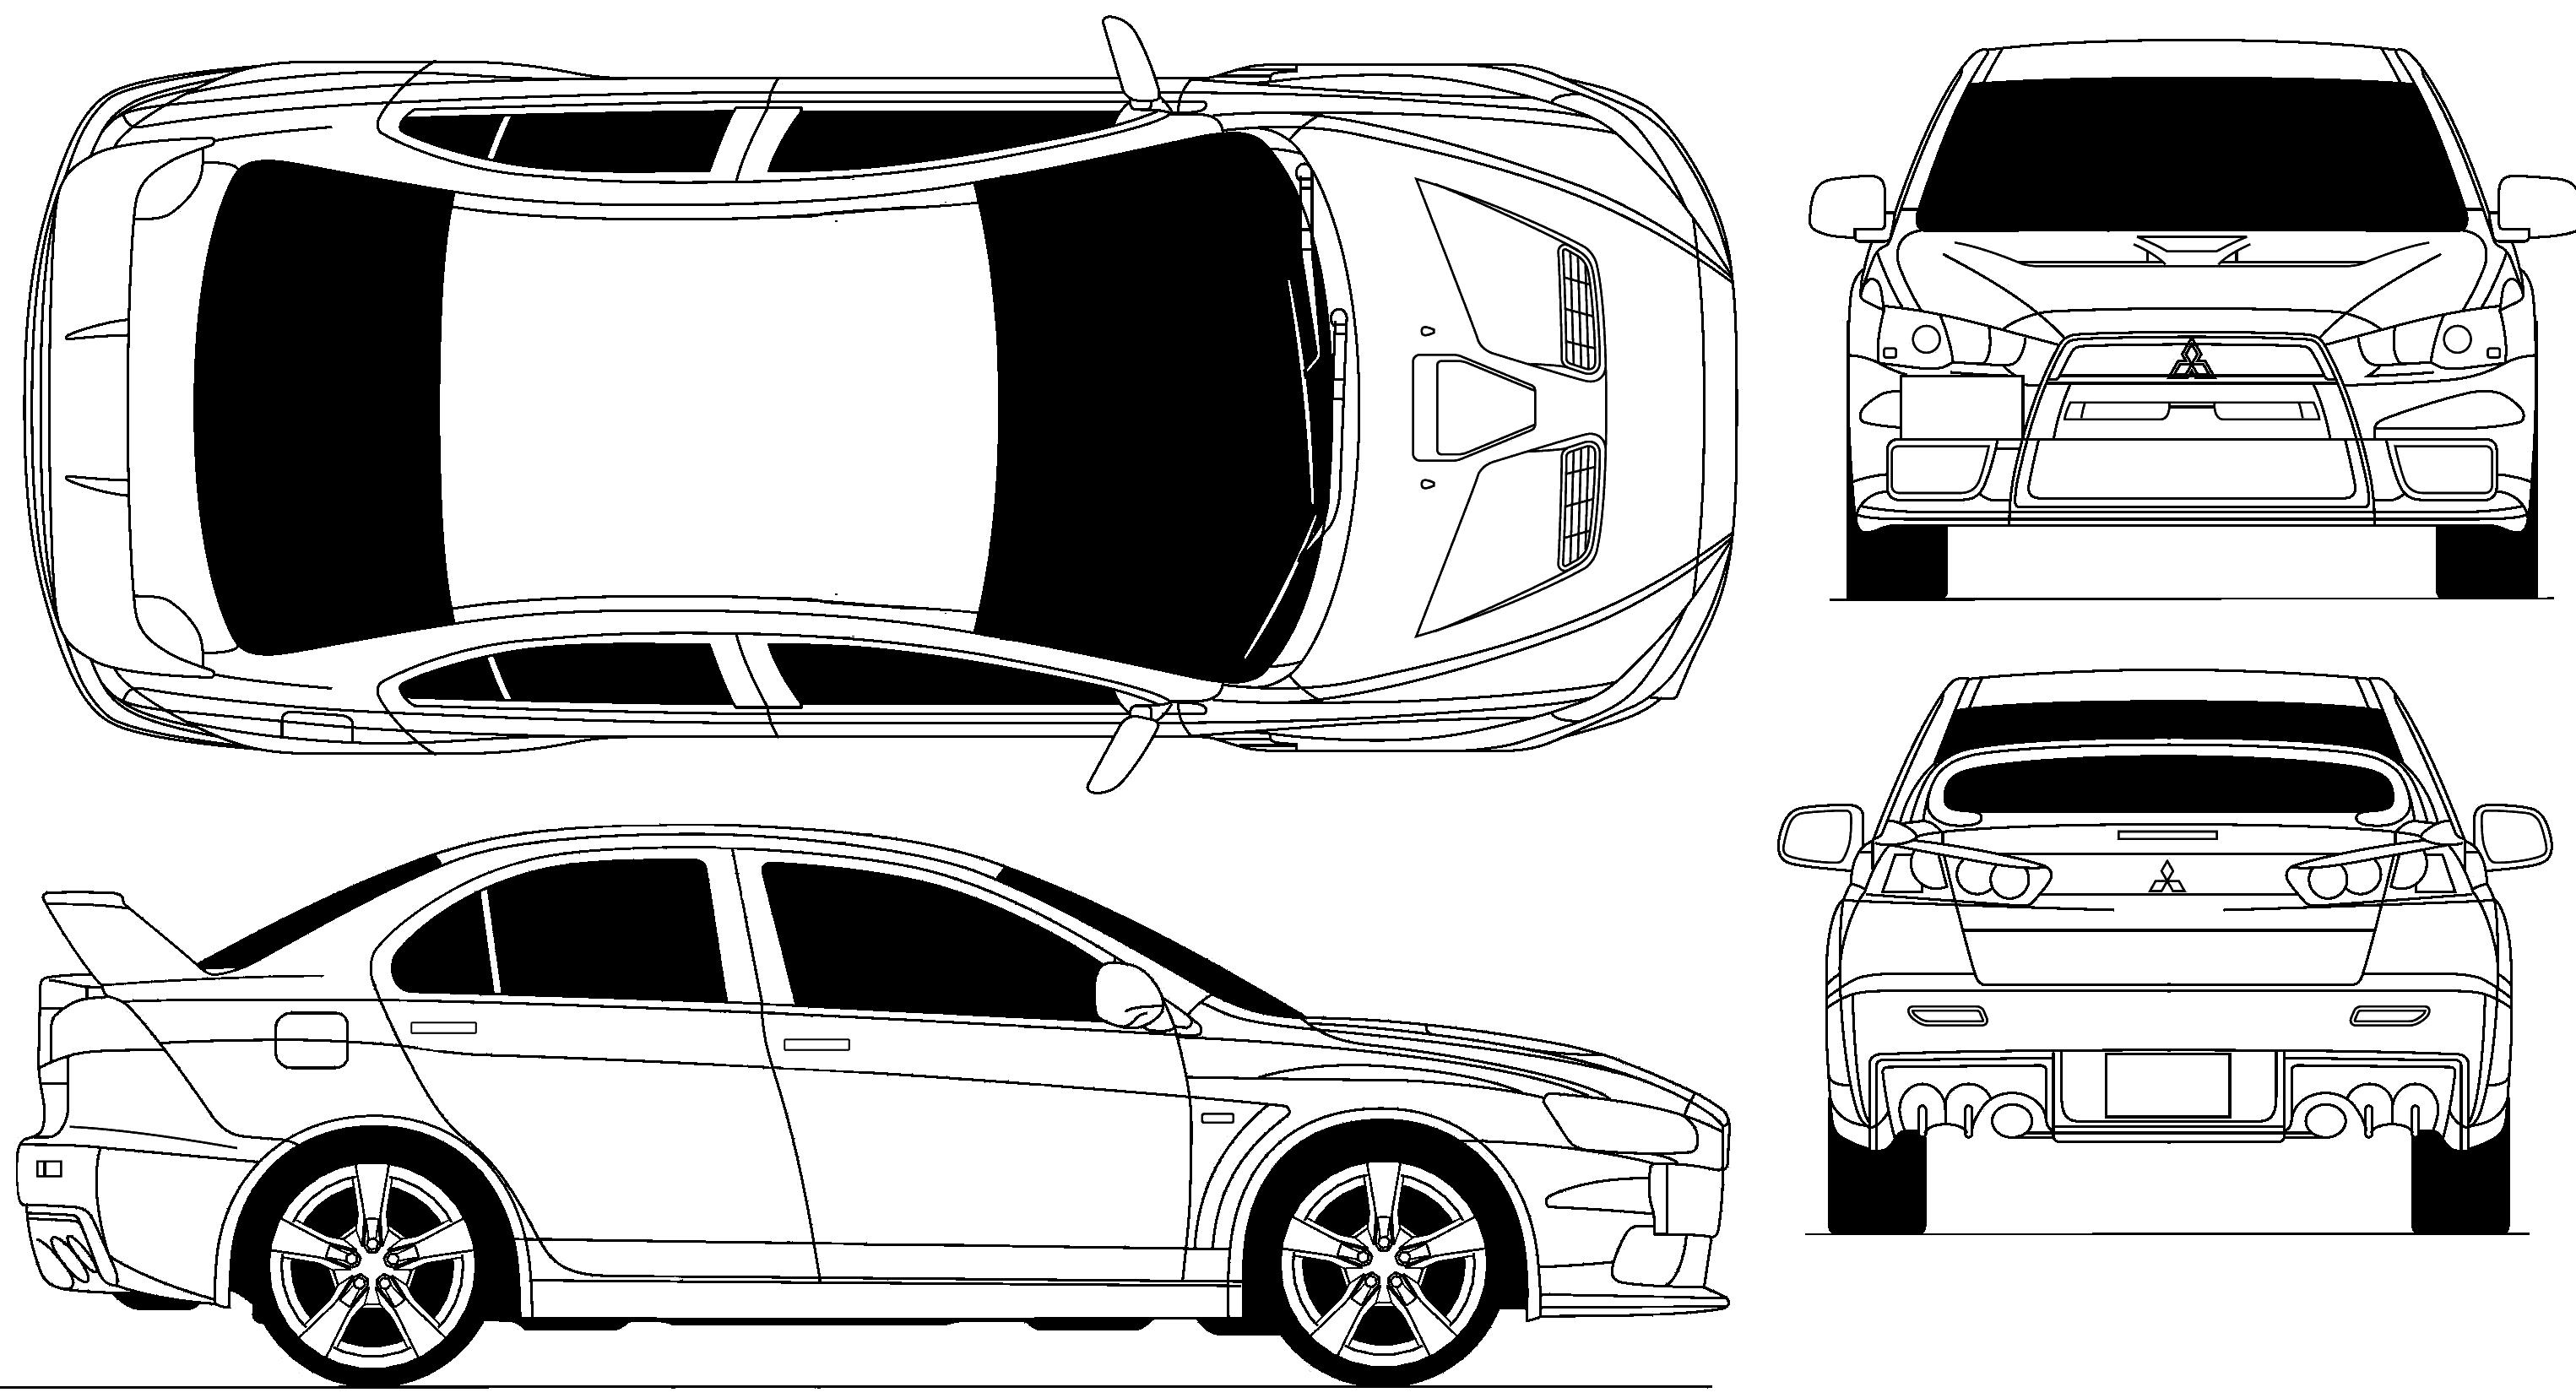 Mitsubishi Lancer Evolution Clipart.